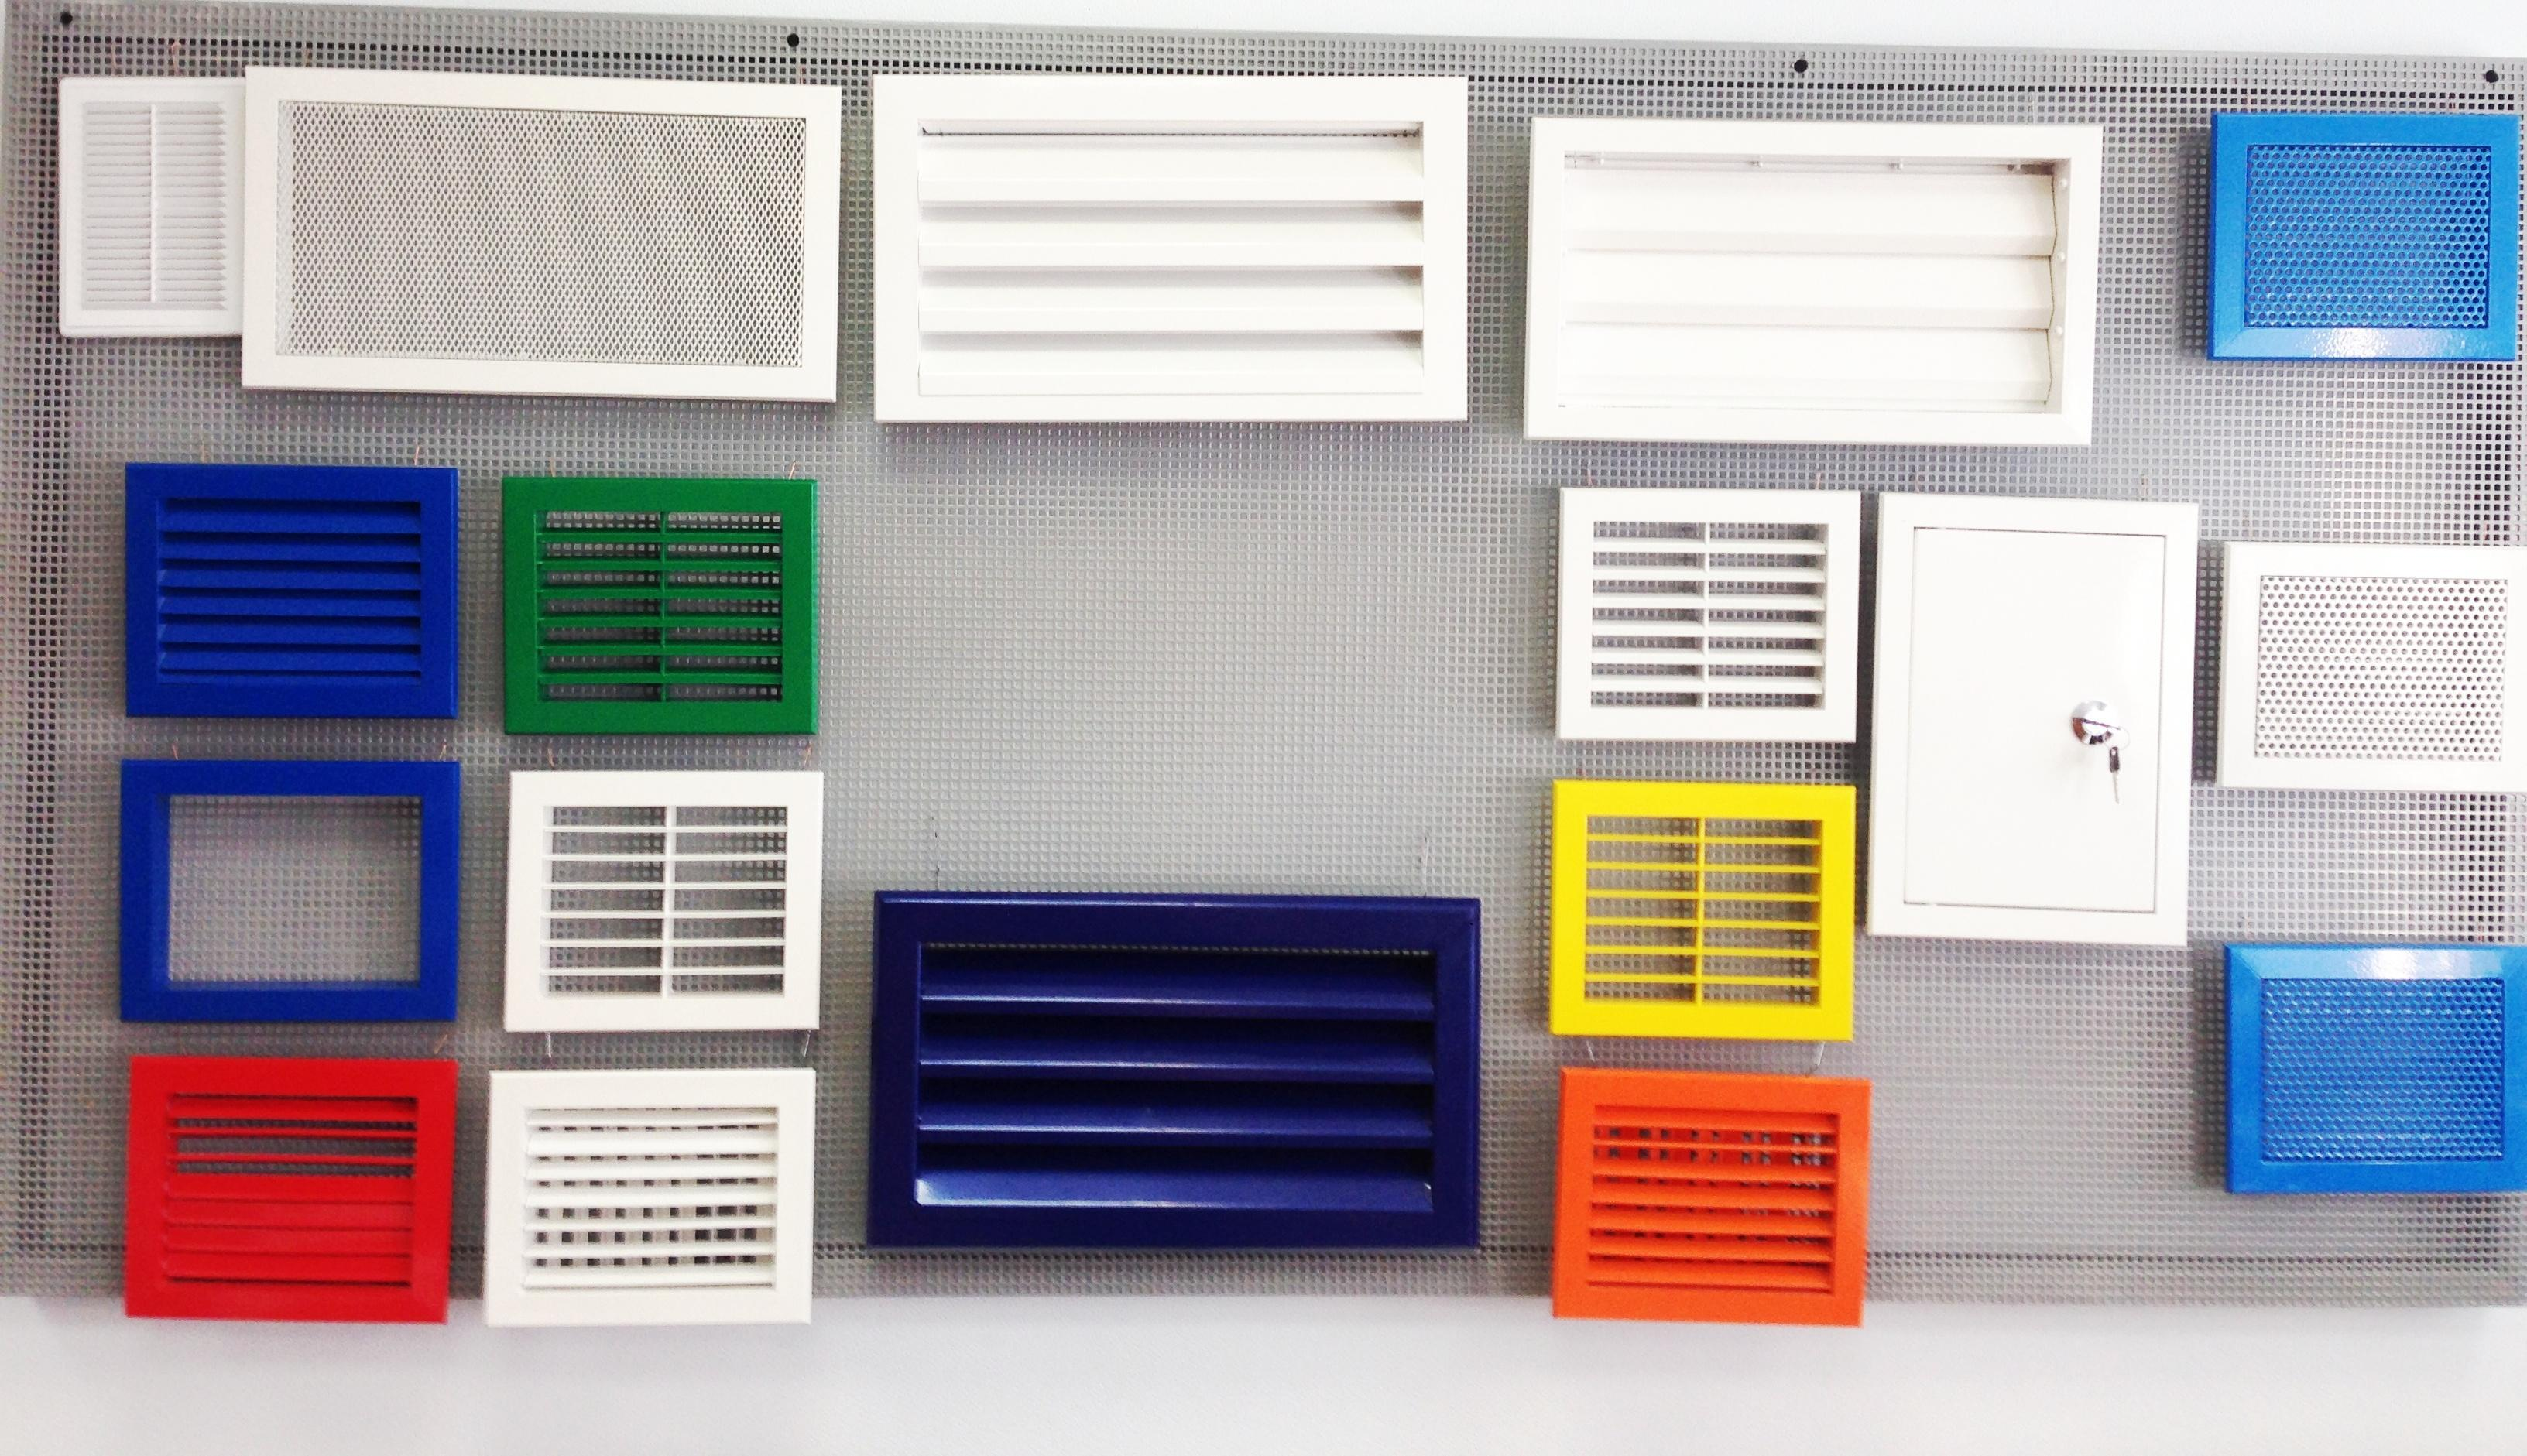 Вентиляционные решётки: разновидности, цены, рекомендации по установке